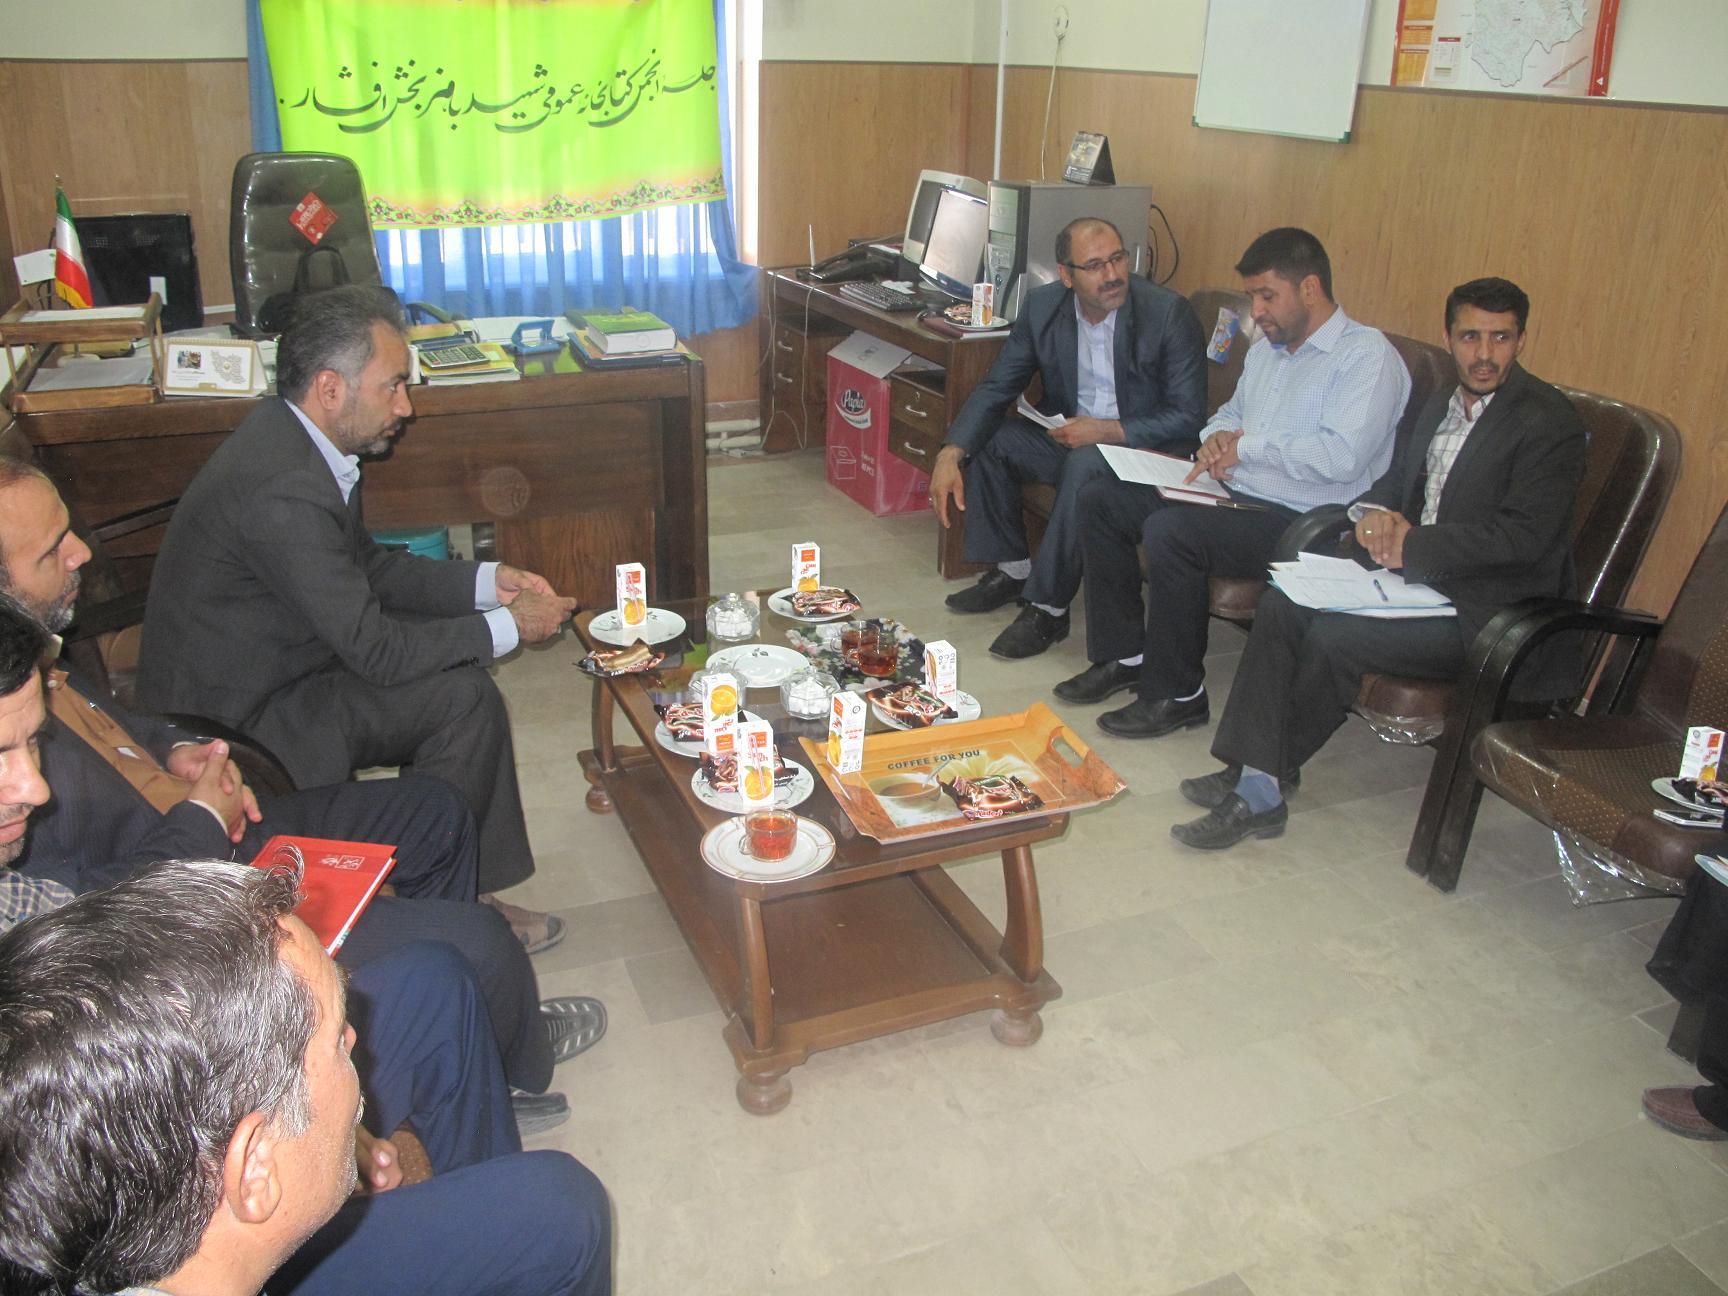 اولین جلسه انجمن بخش افشار